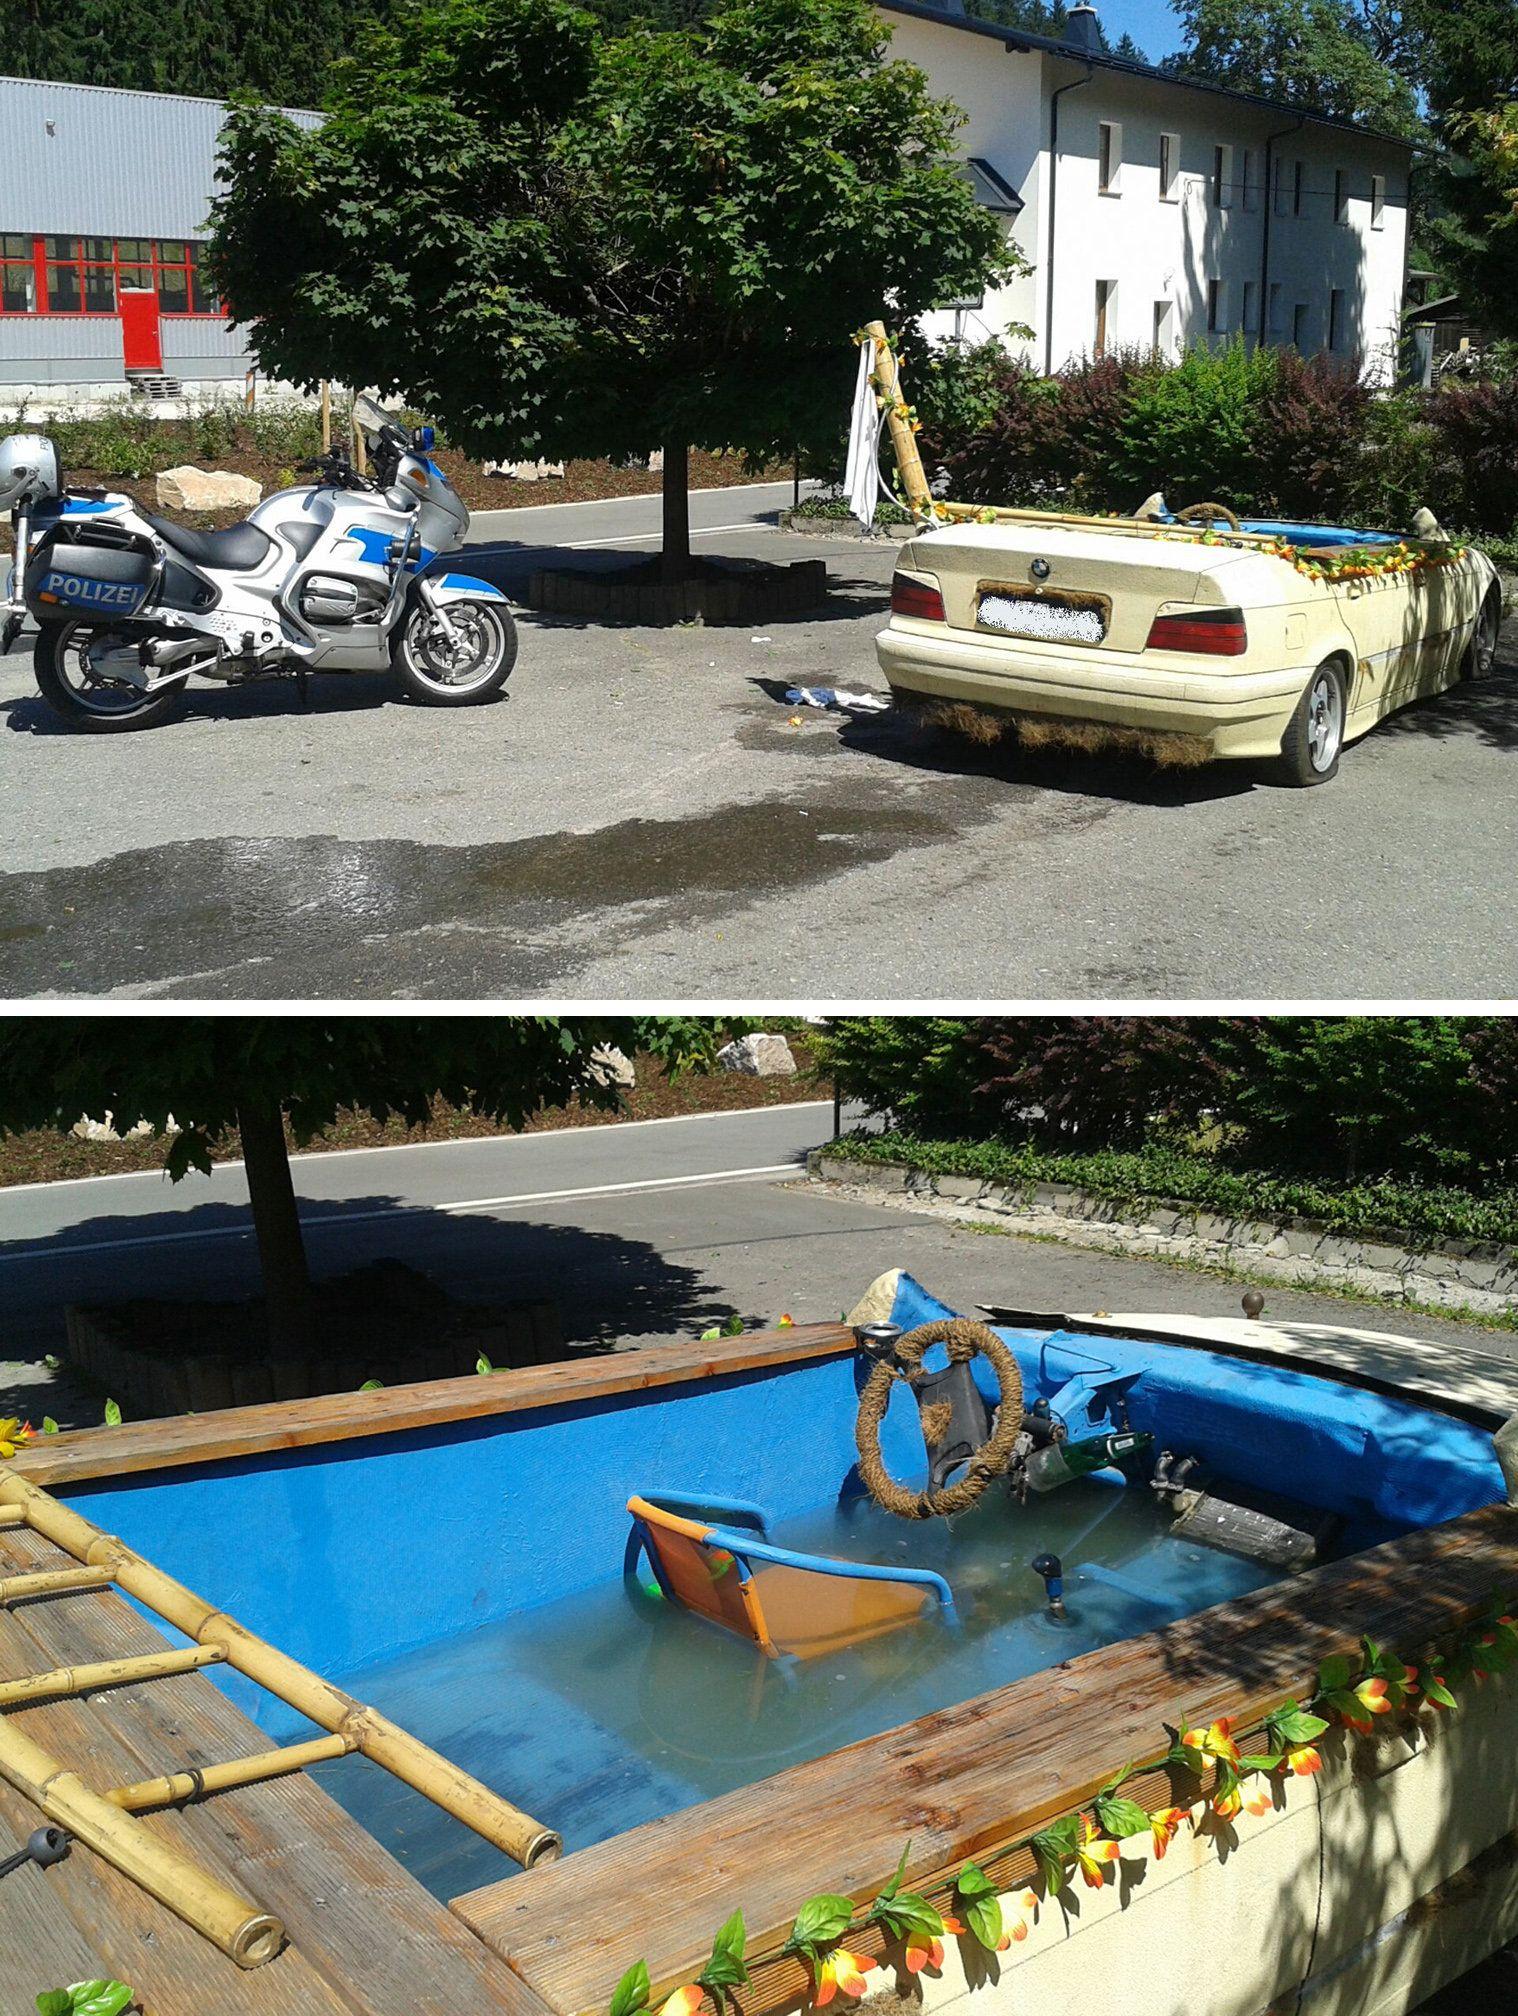 Cabrio als fahrbarer Pool